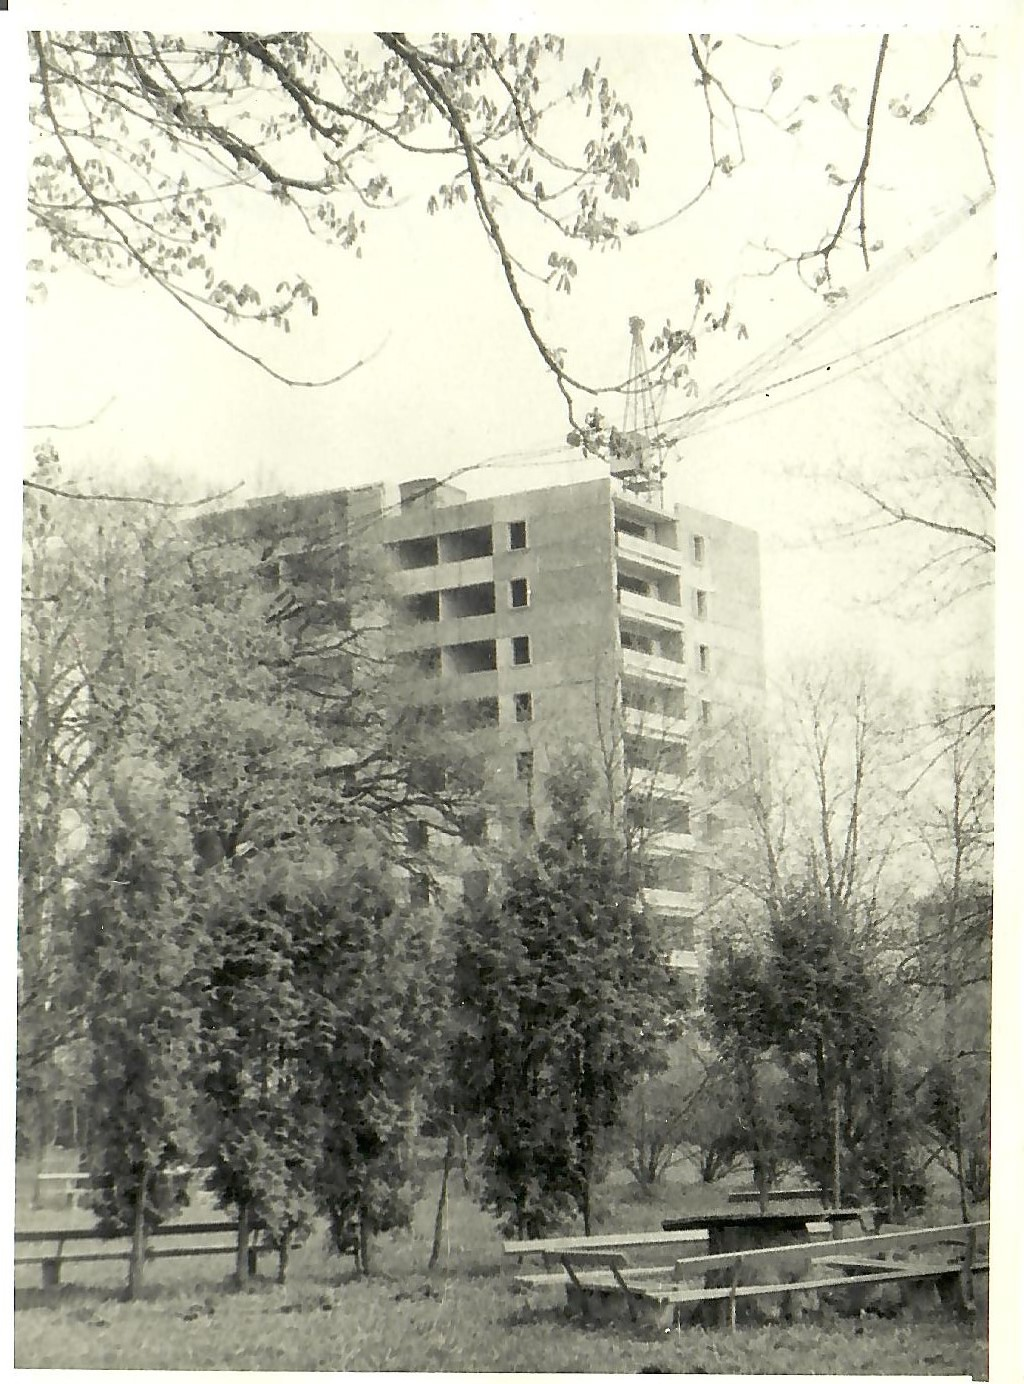 1980.gads. 13.korpusa celtniecība. (Skats no pansionāta puses) (Foto no V.Kārkliņa arhīva)